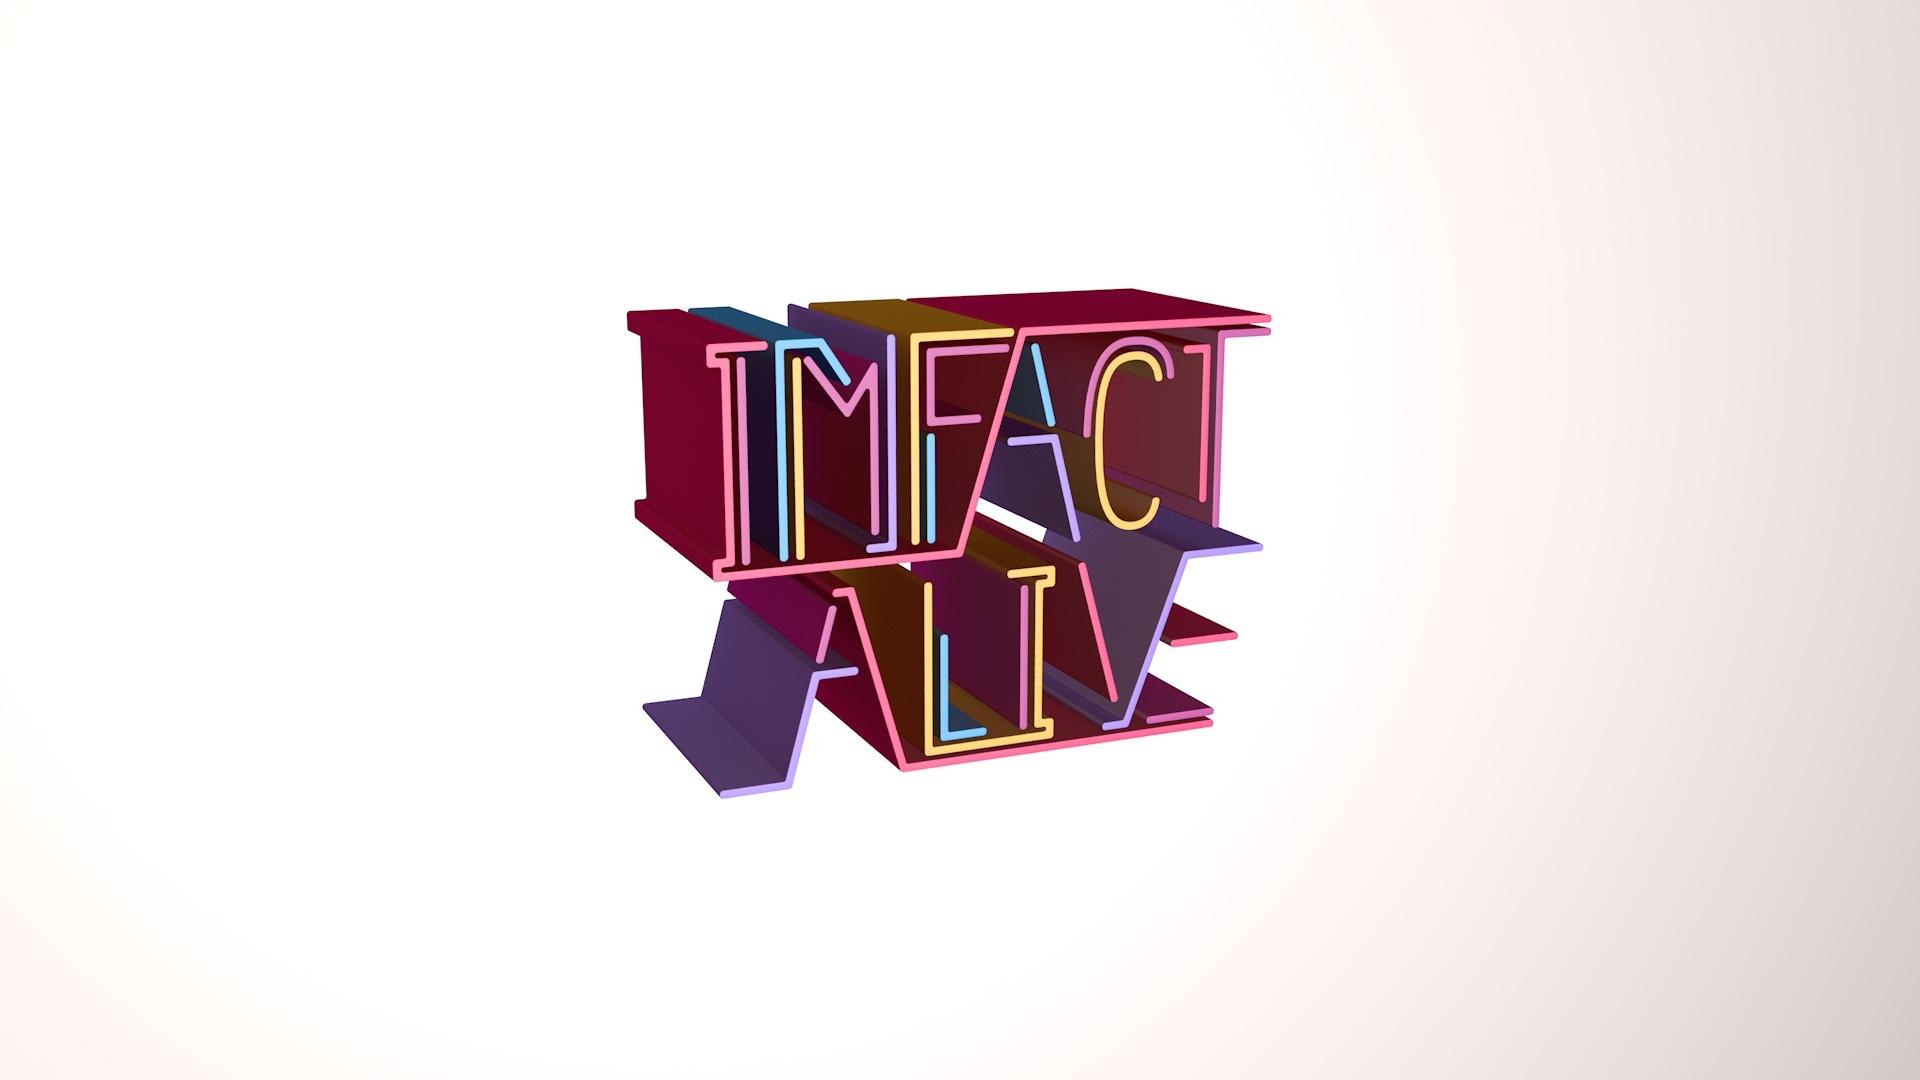 [IMFACT] 신인그룹 임팩트 리얼리티 'IMFACT ALIVE' 15편 - 겨울엔 역시 아이스크림 먹방 그리고 태호의 단독 셀프캠